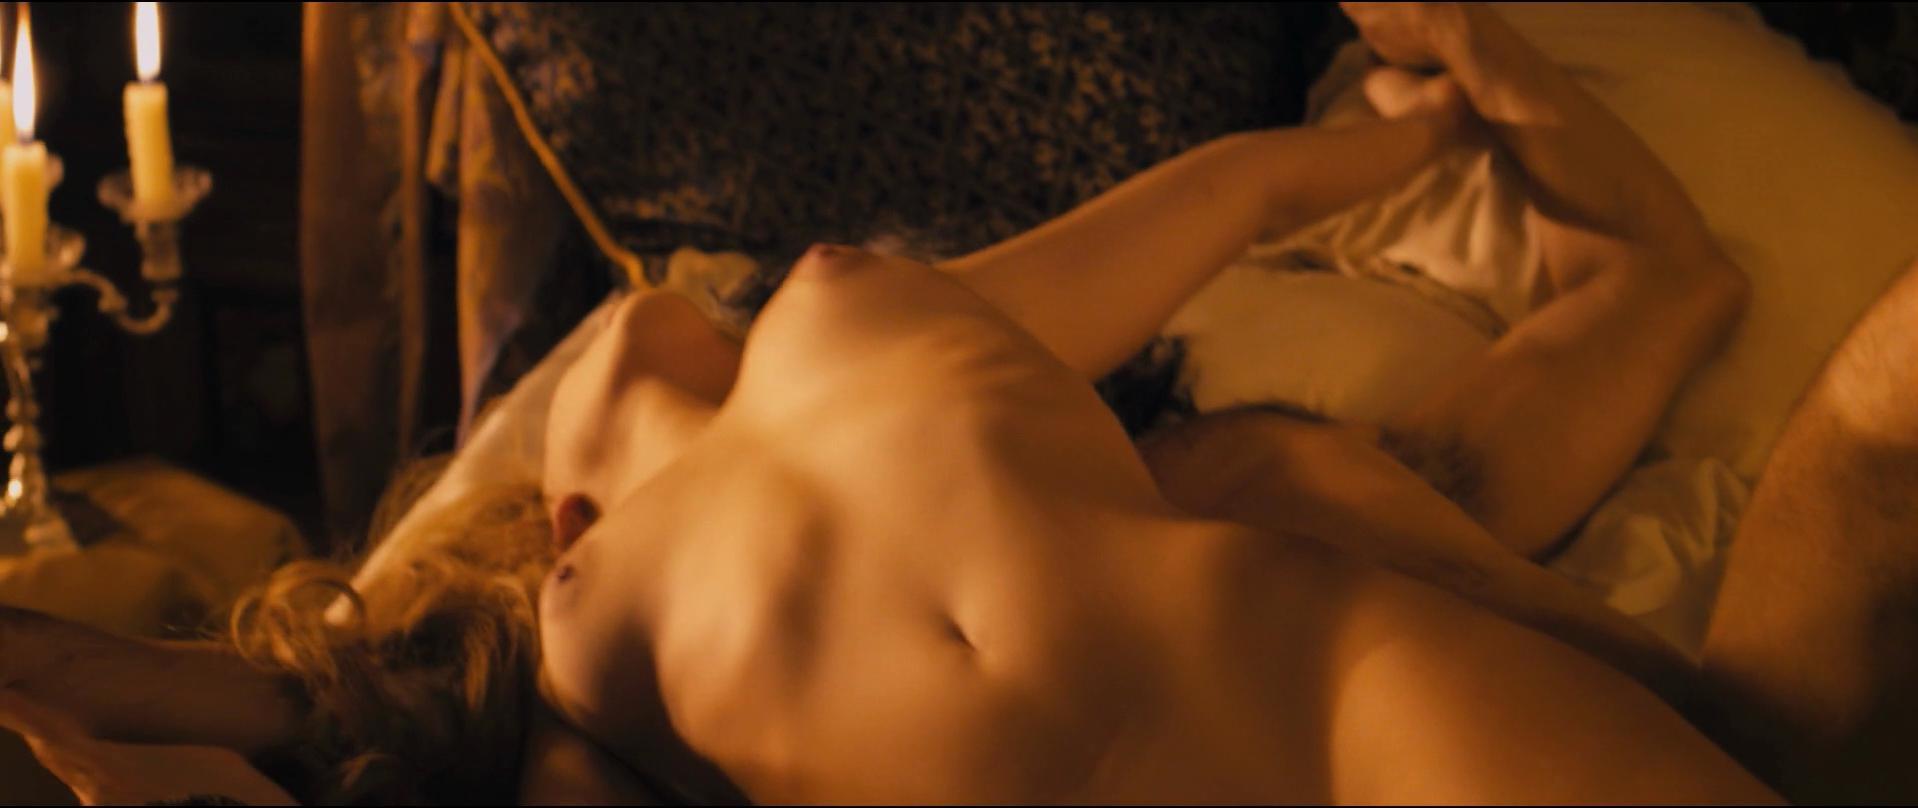 шесть кино анжелика секс дикарский порно